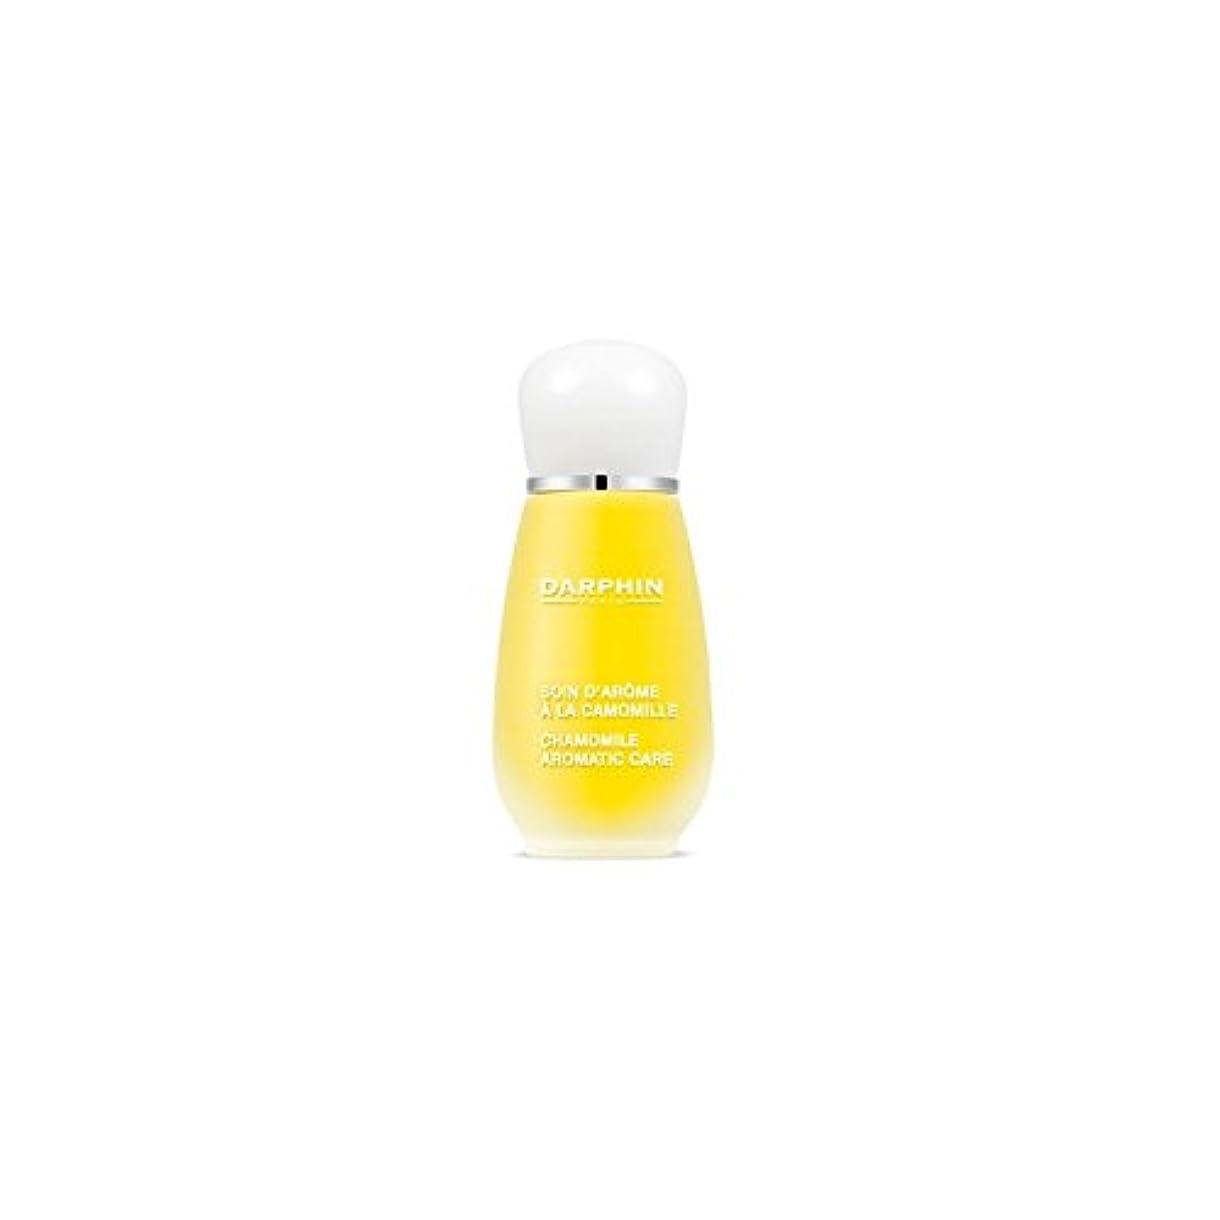 必要ない透過性主張ダルファンカモミール芳香ケア(15ミリリットル) x2 - Darphin Chamomile Aromatic Care (15ml) (Pack of 2) [並行輸入品]